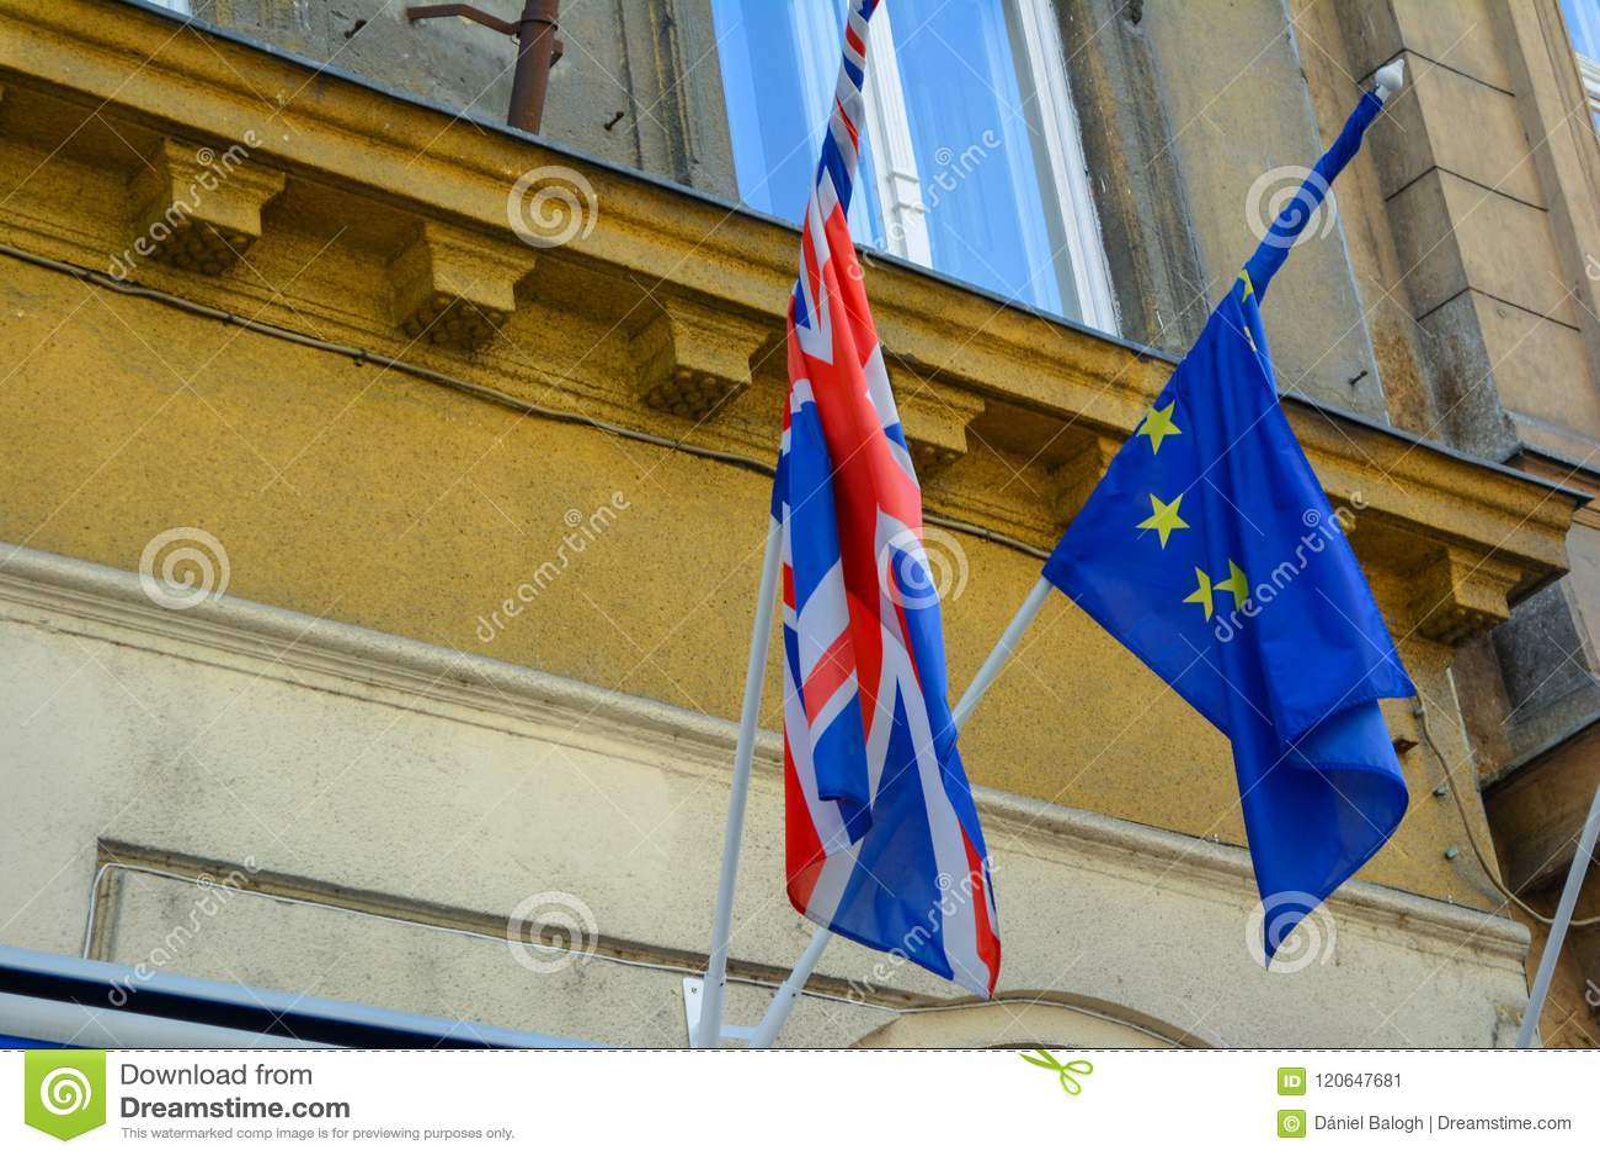 Aliança das bandeiras da UE e do Reino Unido junto Bandeiras da União Europeia e do Reino Unido próximos um do outro